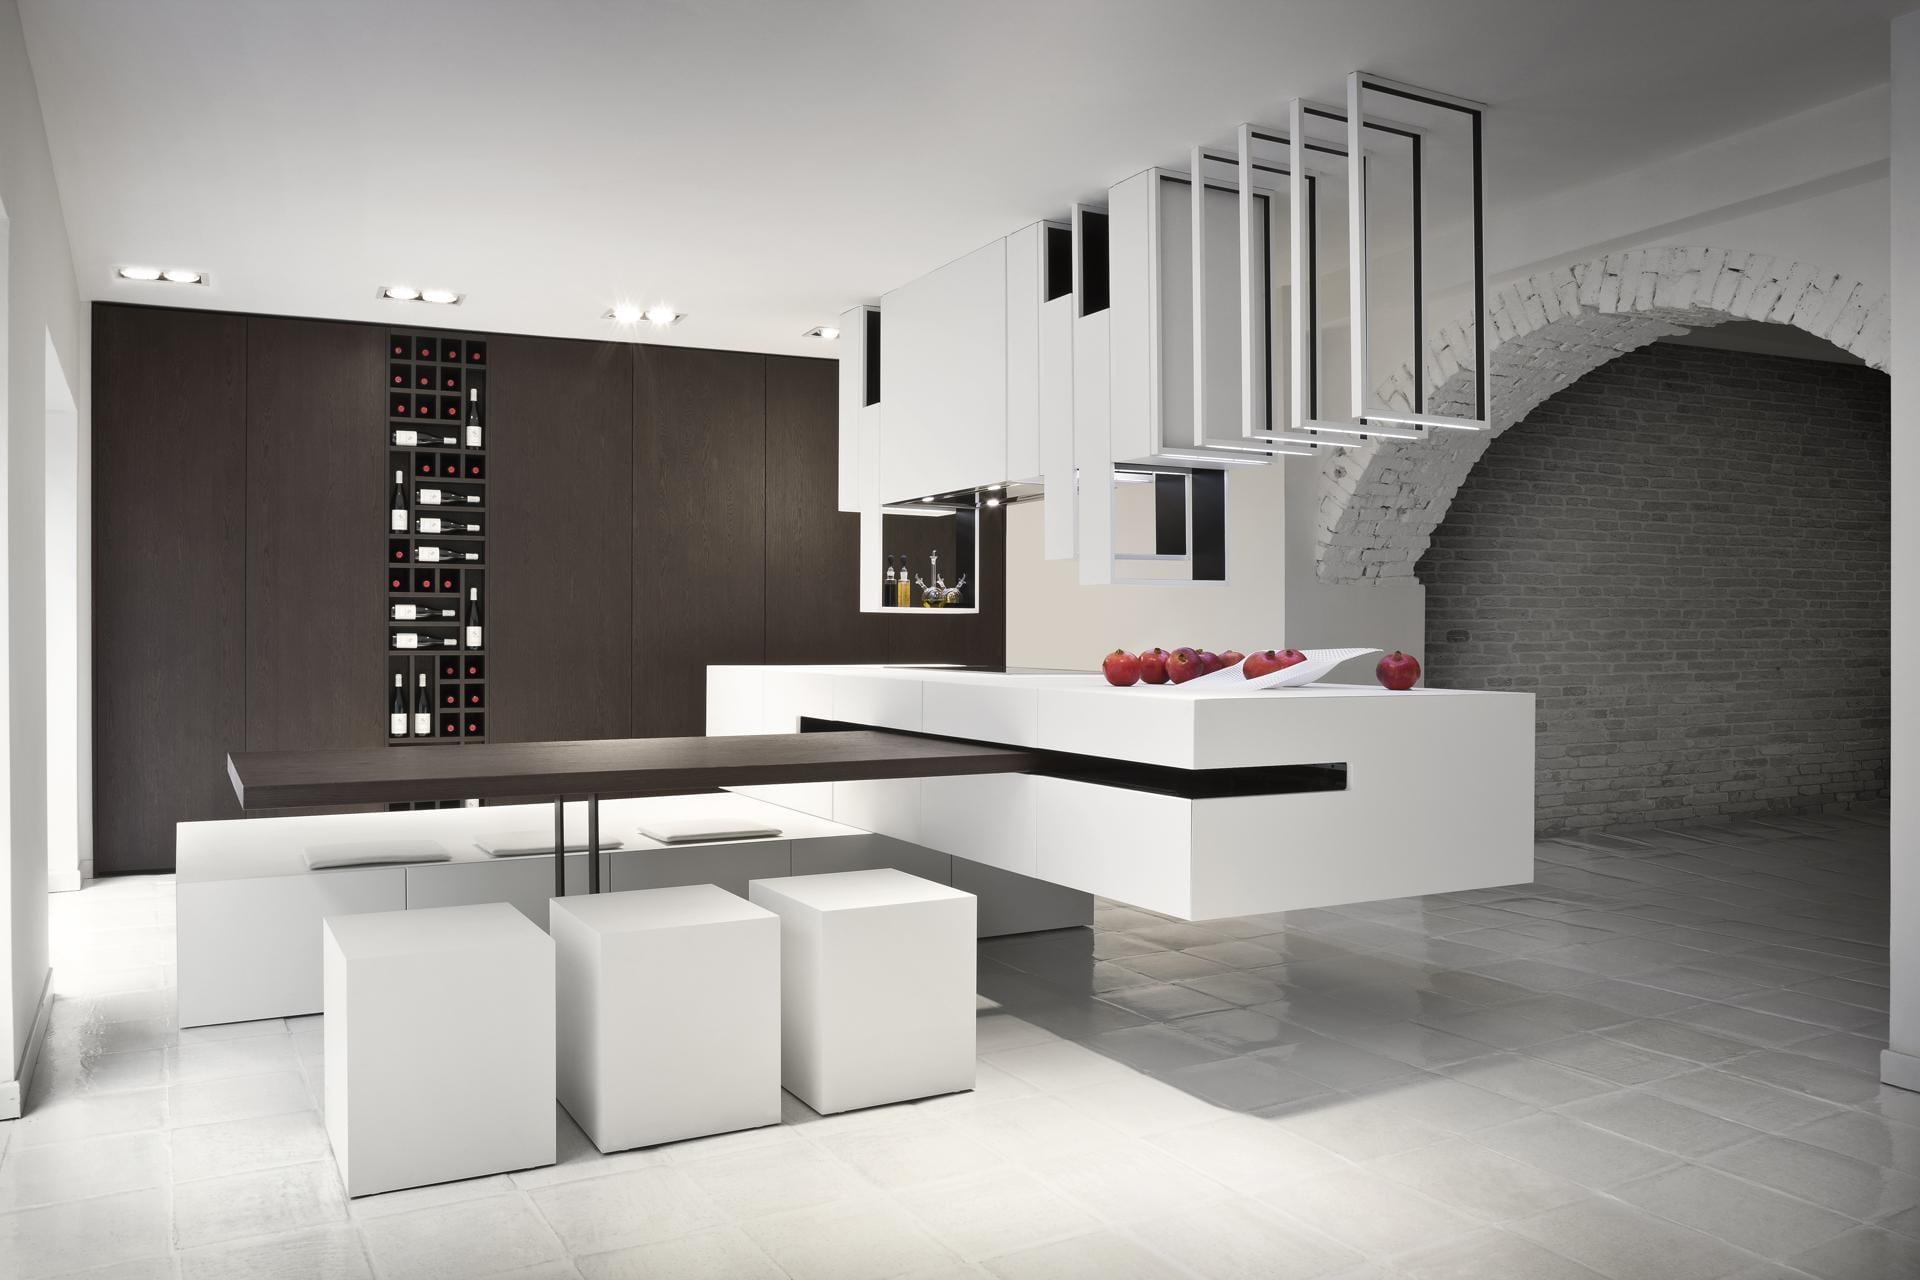 luxus interior design mit weißen ziegelmauern und moderne küche mit Holzwand und Kochinsel mit Esstischplatte aus Holz